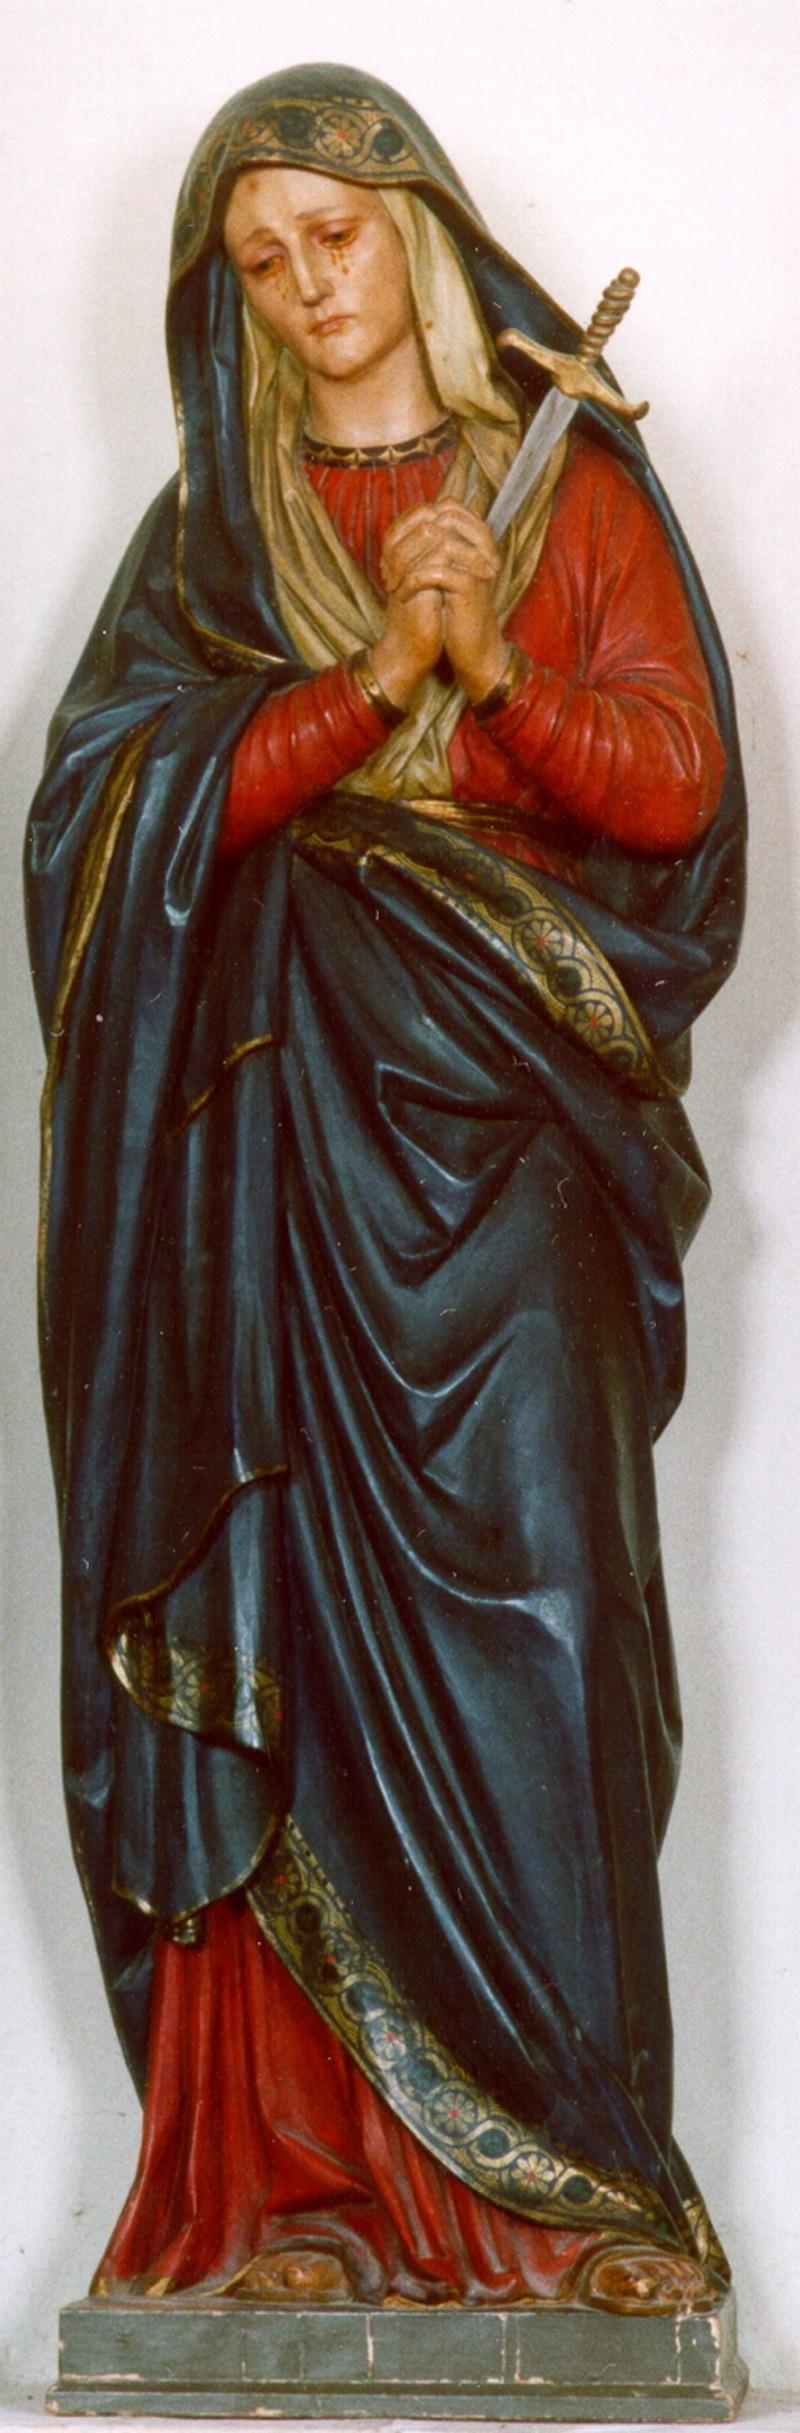 Ambito umbro sec. XVIII, Statua della Madonna addolorata